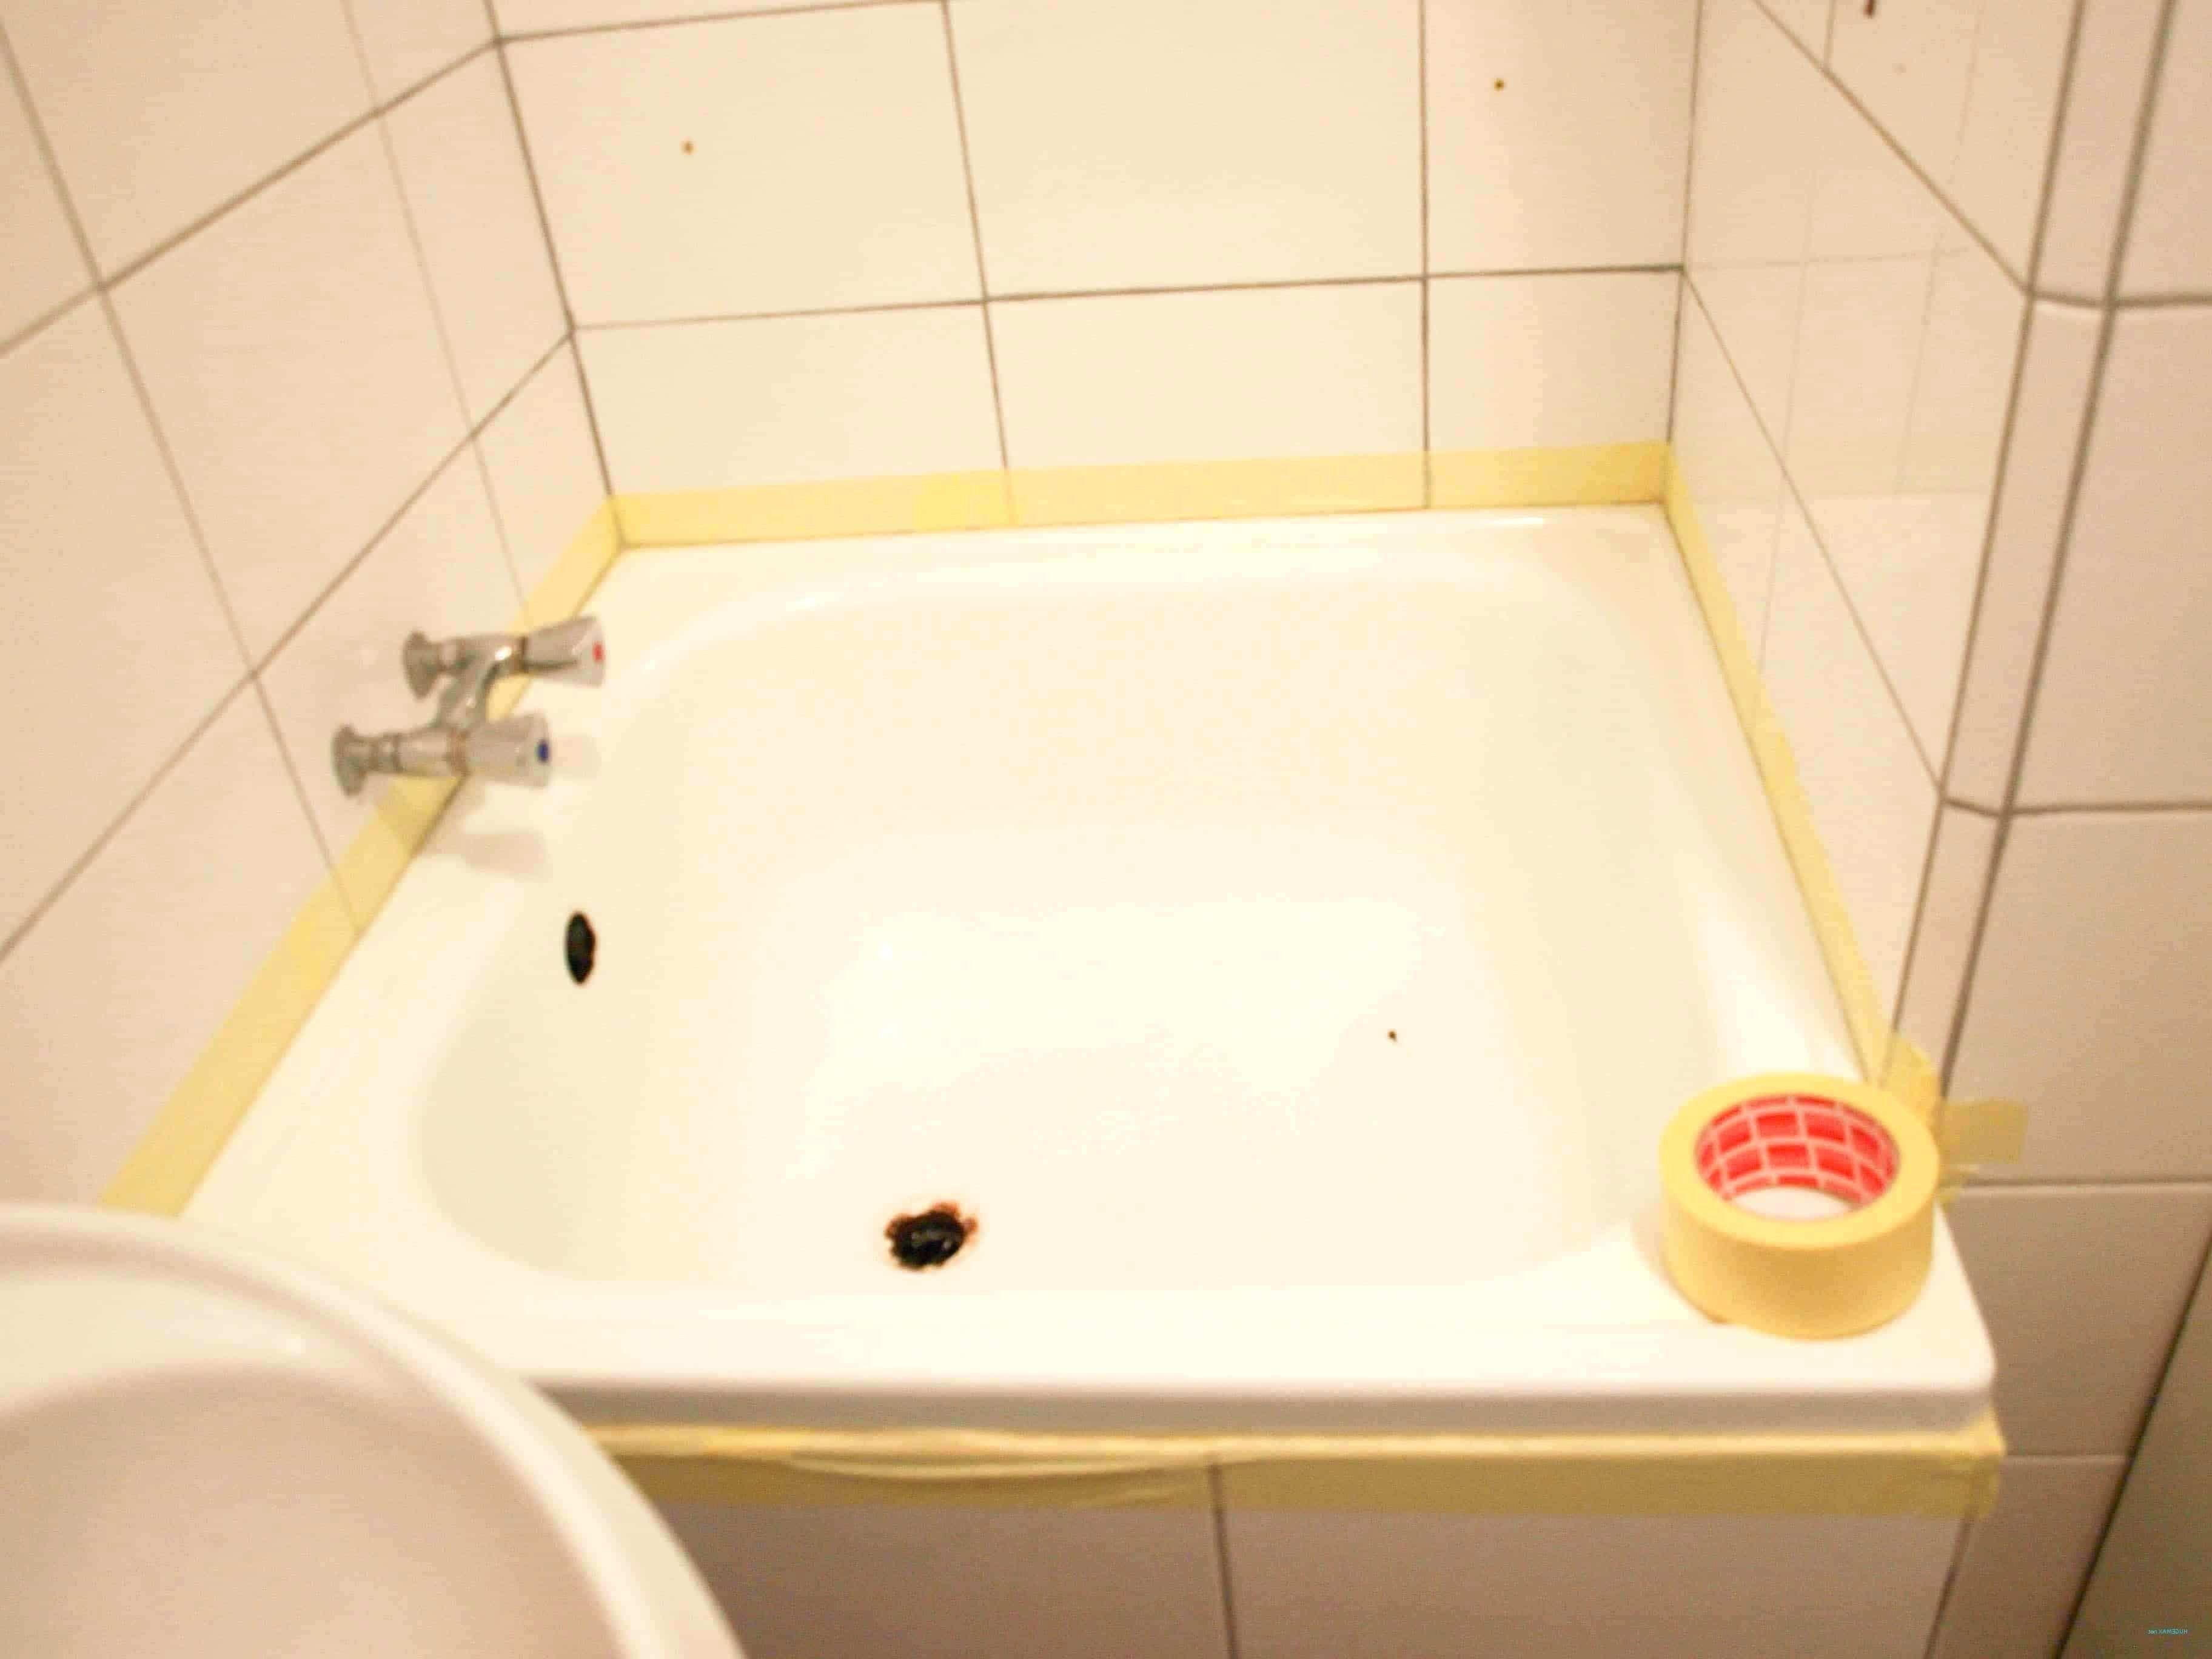 Peinture Epoxy Sans Solvant Pour Baignoire Acrylique Qui Sont Des Boosters D Humeur Instantanee Bathtub Sink Home Decor